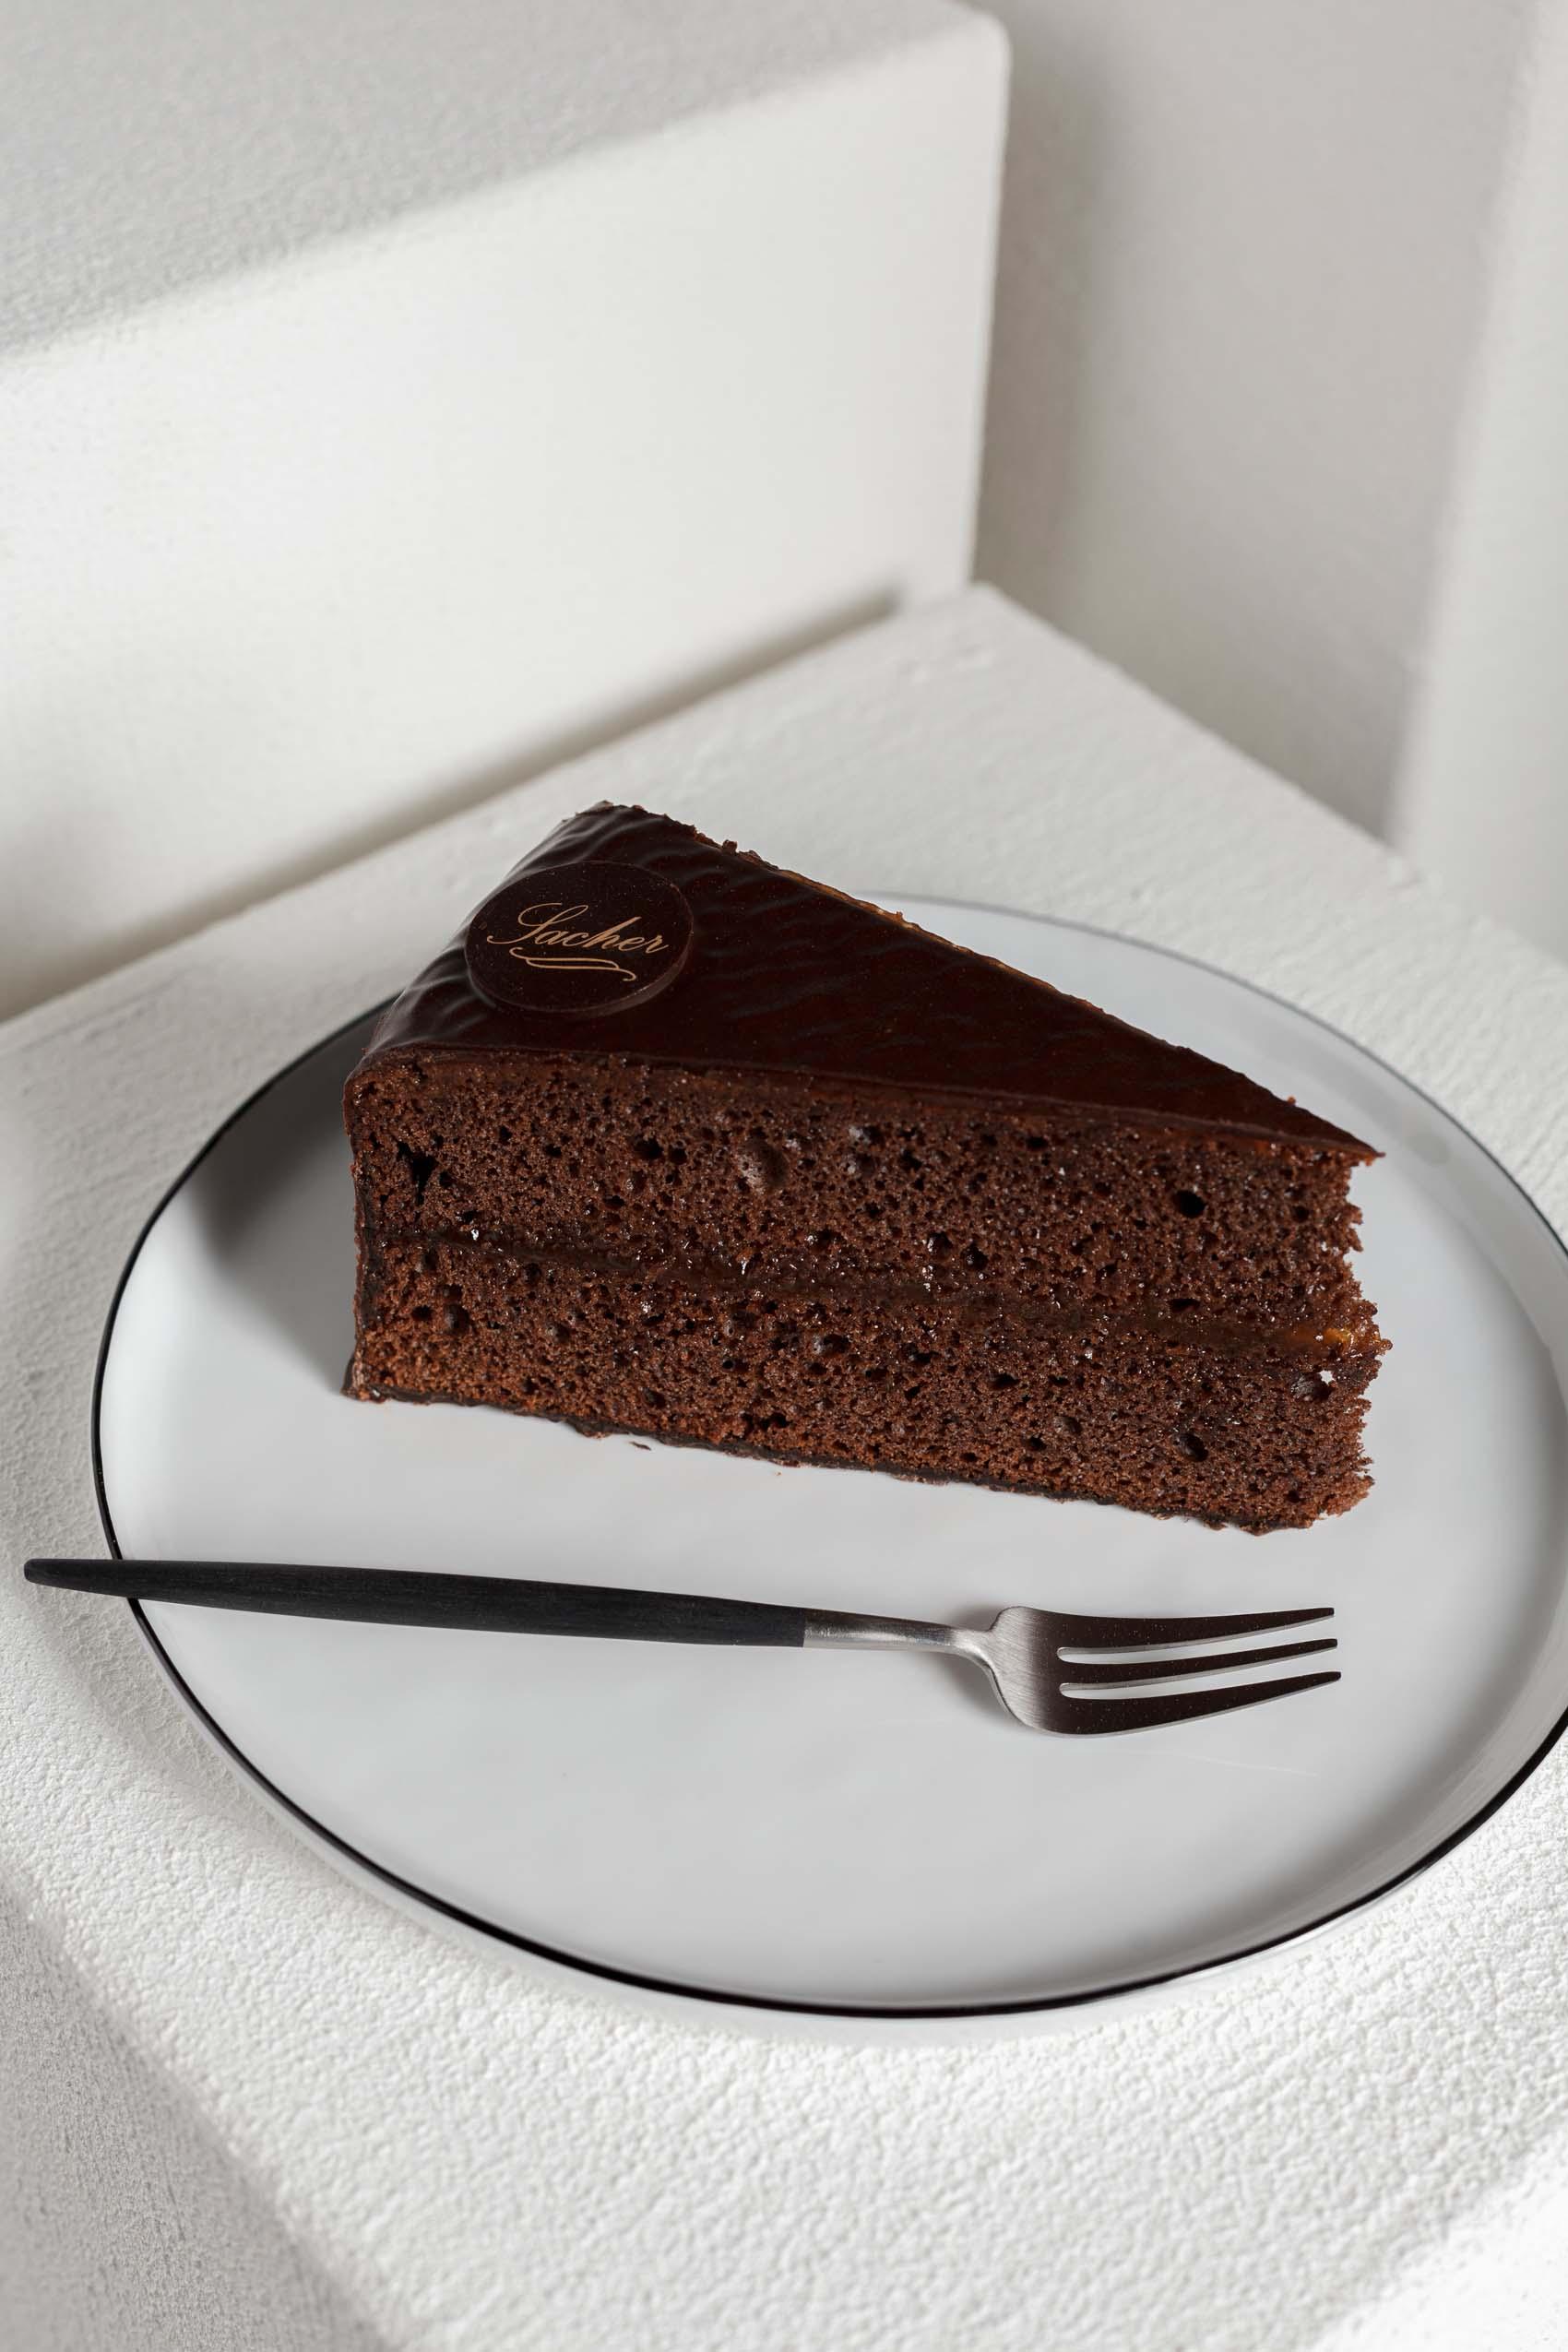 Produktfotos ausgesuchter Torten und Kuchen der Konditorei Brommler